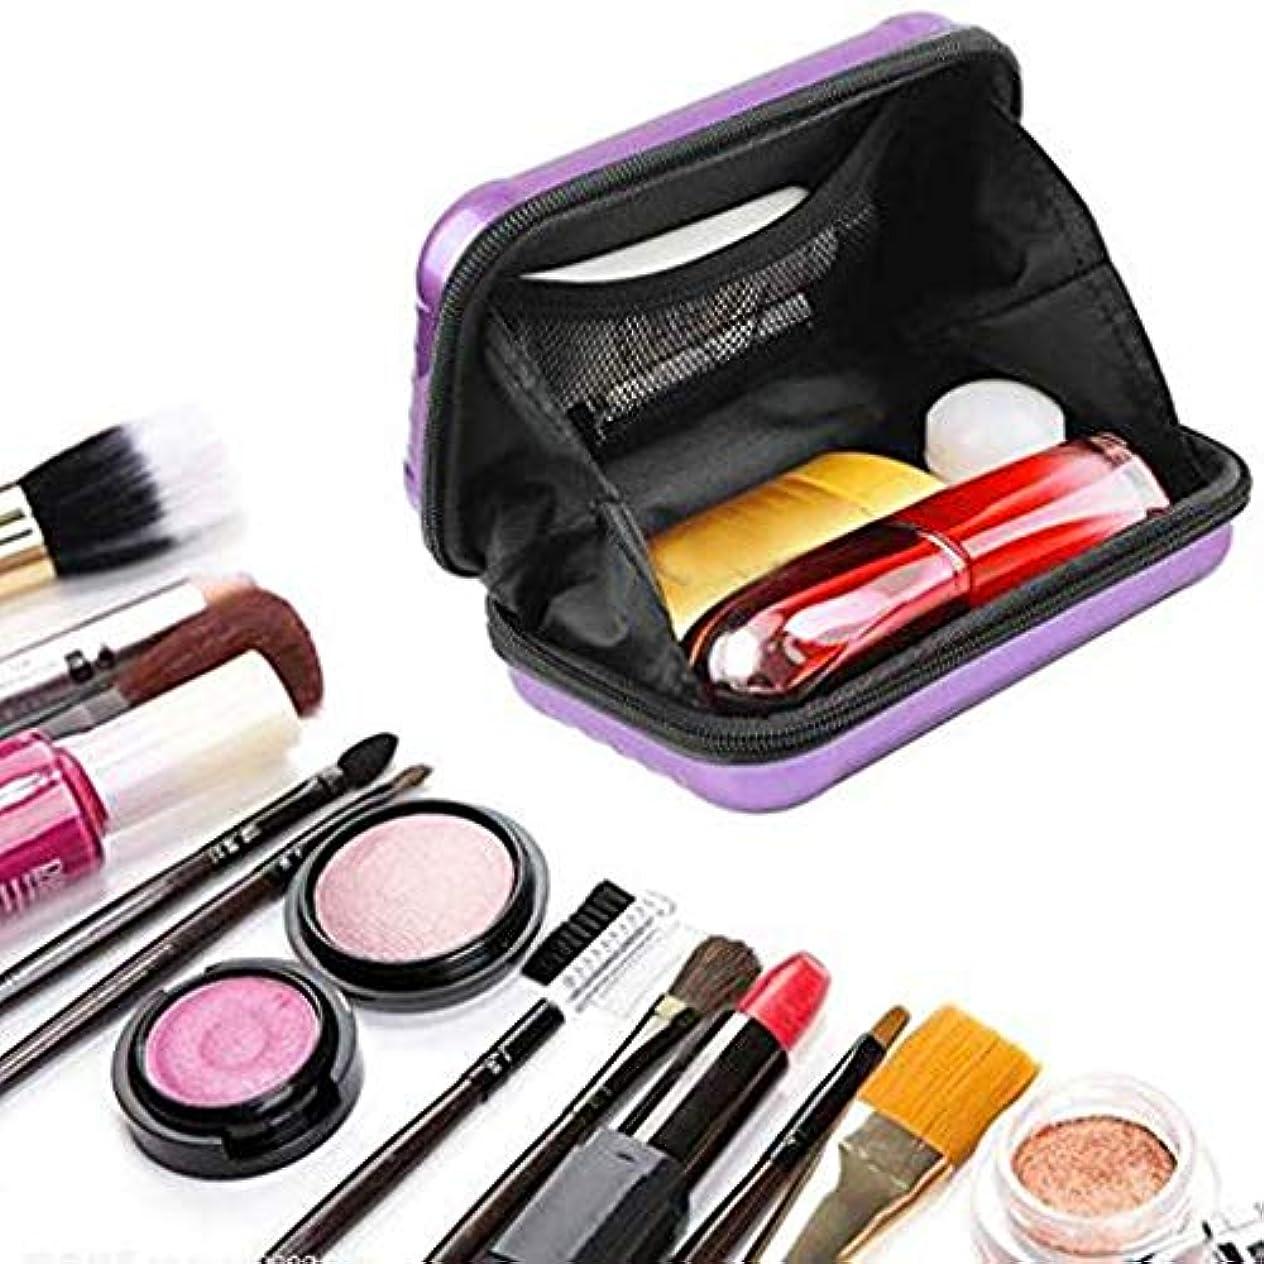 ミニポータブル旅行化粧品バッグ、女性のための防水/クラッシュ防止化粧バッグ、スーツケース化粧品ハンドバッグ (黄)